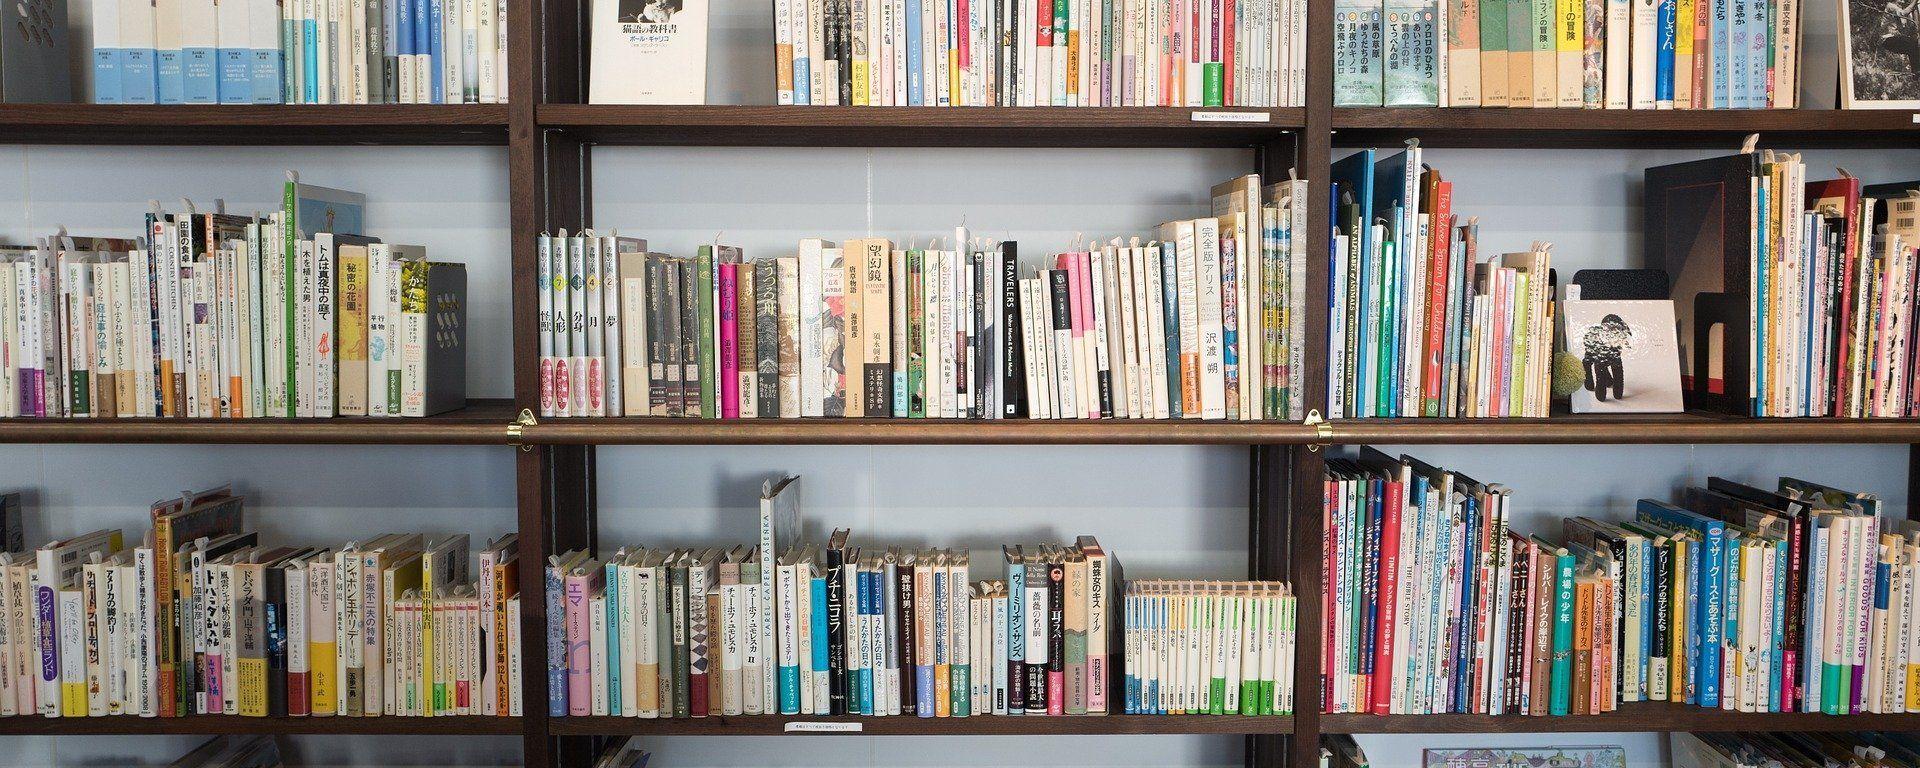 Imagen referencial de una estantería llena de libros - Sputnik Mundo, 1920, 10.05.2021